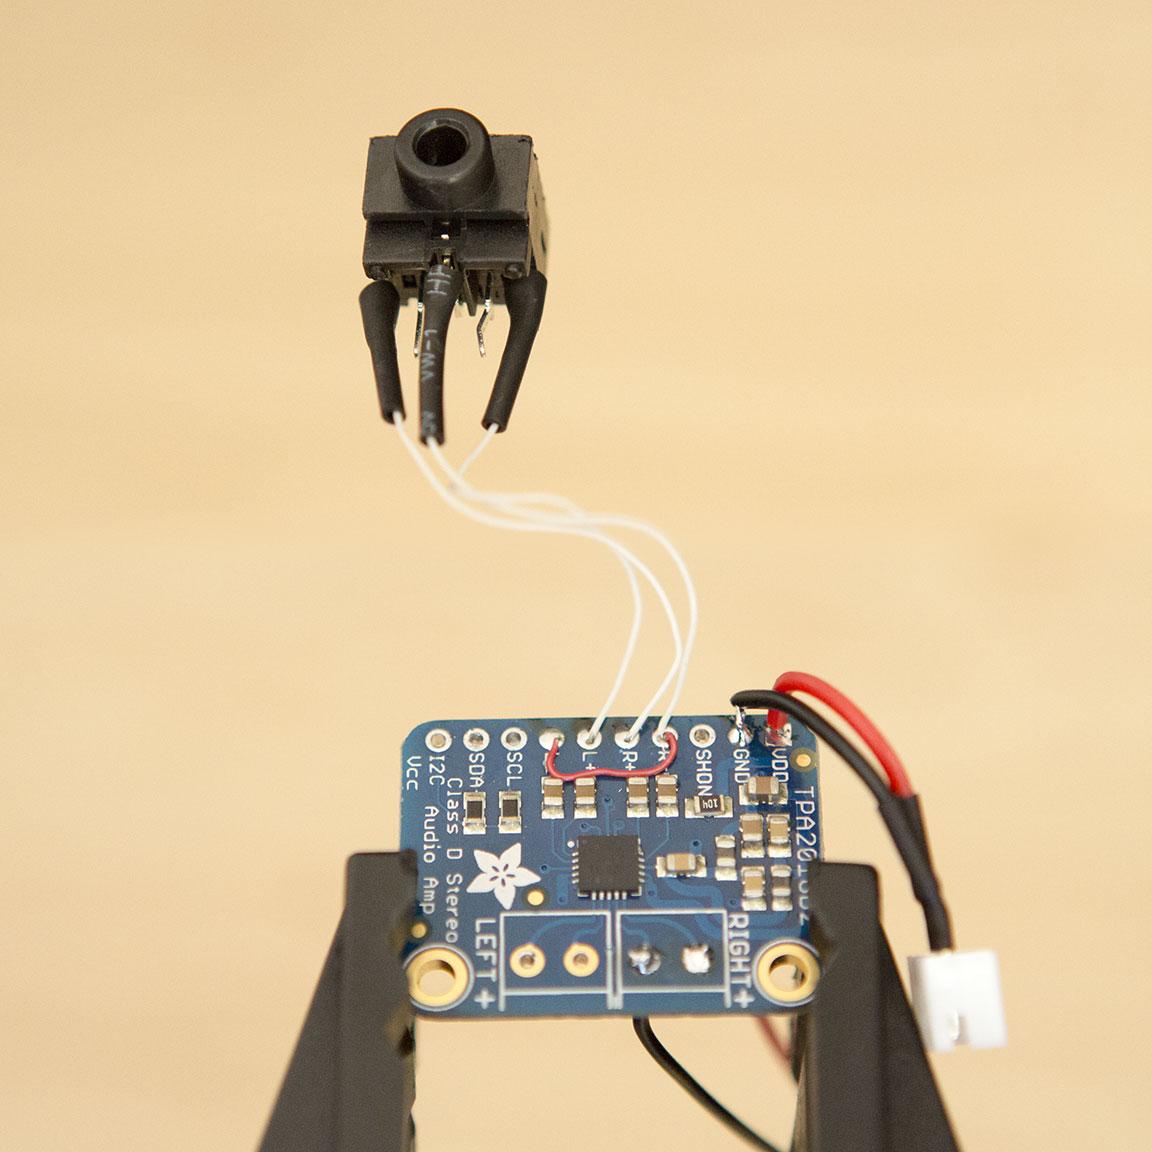 3d_printing_boneductor-barecircuit.jpg